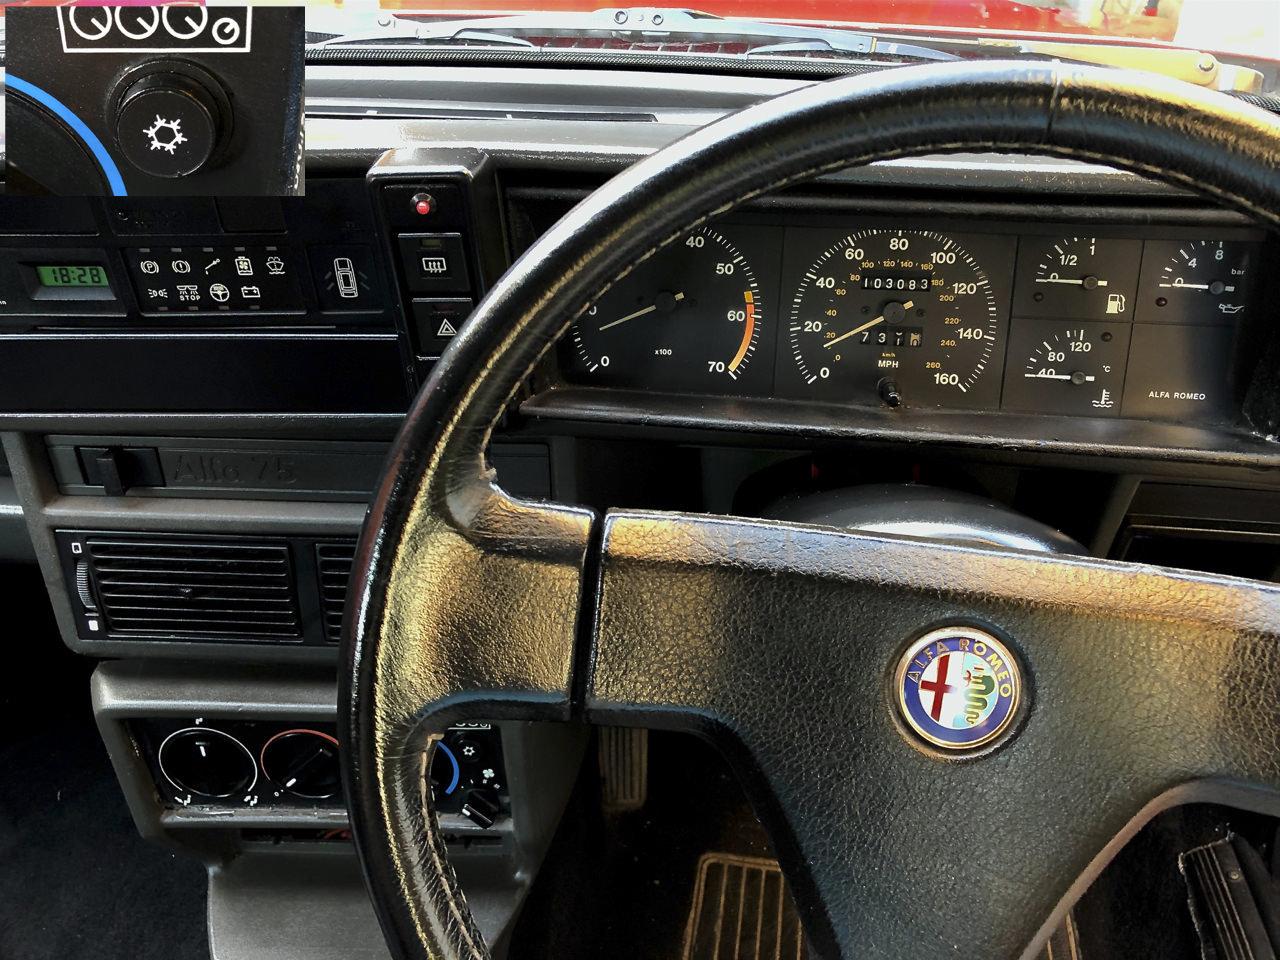 1991 75 3.0L V6 Cloverleaf For Sale (picture 5 of 6)